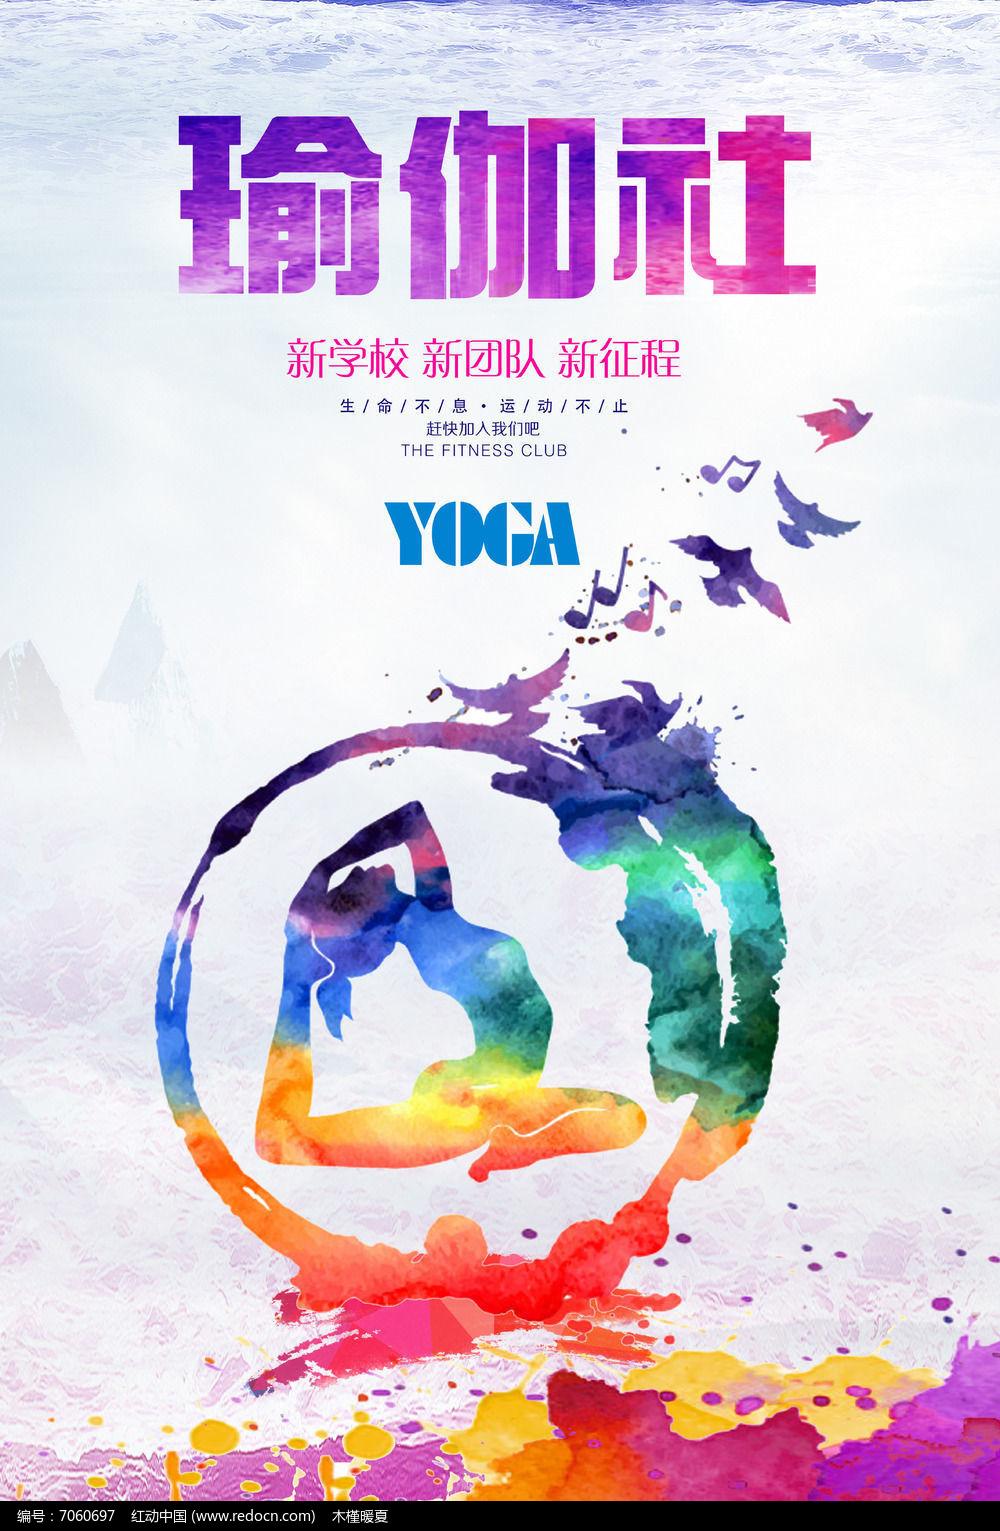 瑜伽社纳新海报设计图片